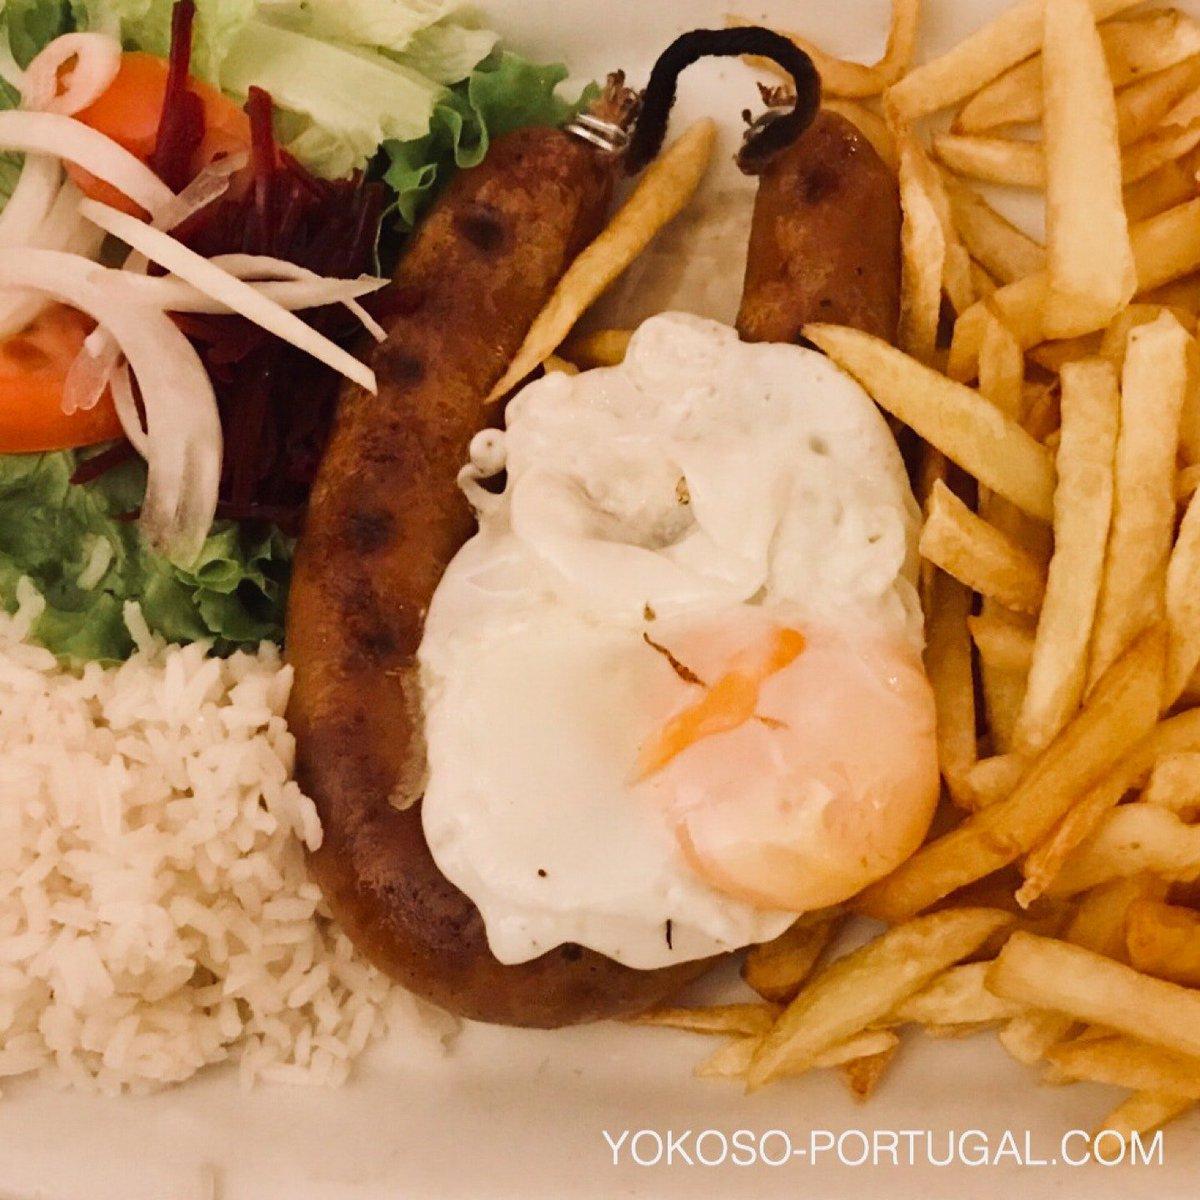 test ツイッターメディア - リスボンのカンポ・ペッケーノにある、伝統的なポルトガル料理が食べられるレストラン。質もお値段も言うことなし。おすすめは豚肉を使わないソーセージ、アリェイラの半熟タマゴのせ御膳です。 (@ Ti Lurdes in Lisboa) https://t.co/yIu1TyIfGT https://t.co/aCf4HjZDRh